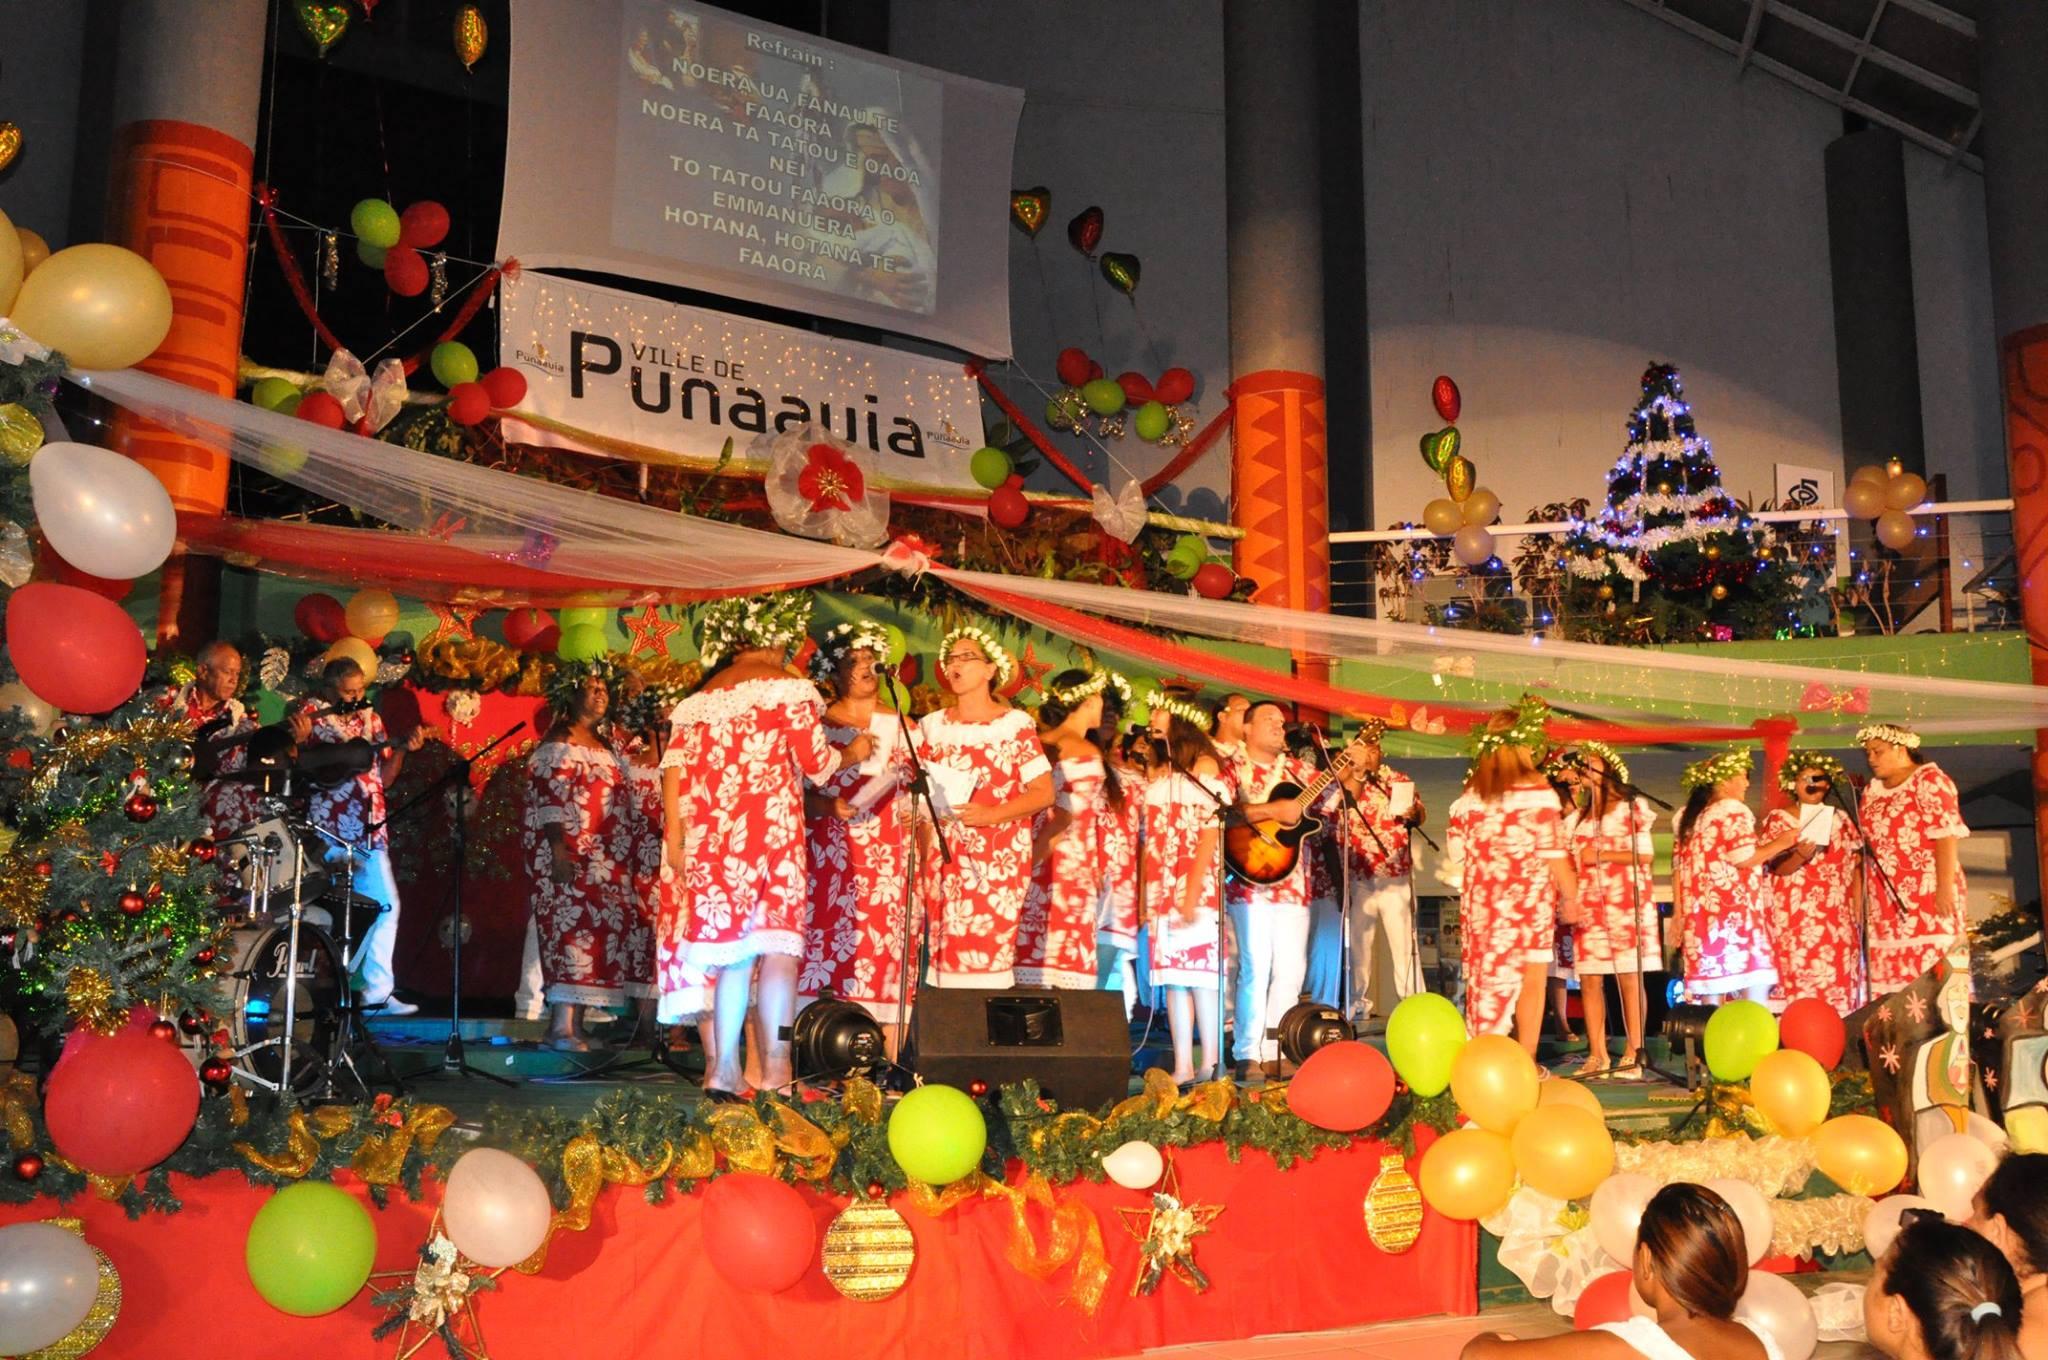 Punaauia prépare les fêtes de Noël